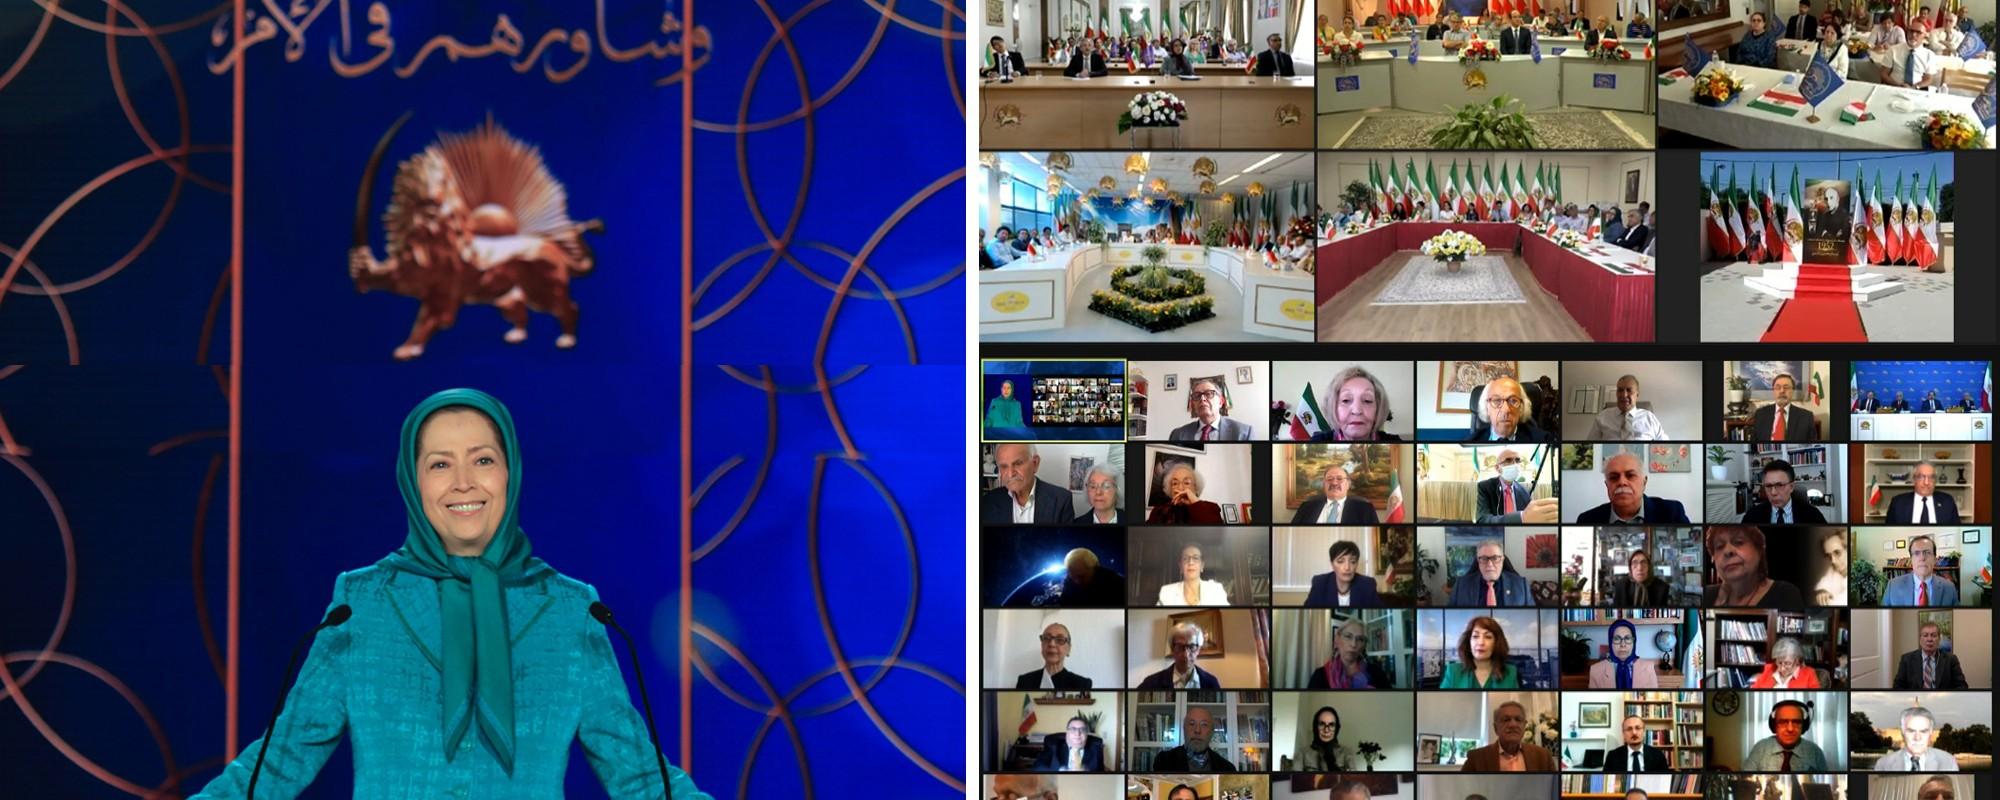 كلمة بمناسبة الذكرى الأربعين لتأسيس المجلس الوطني للمقاومة الإيرانية